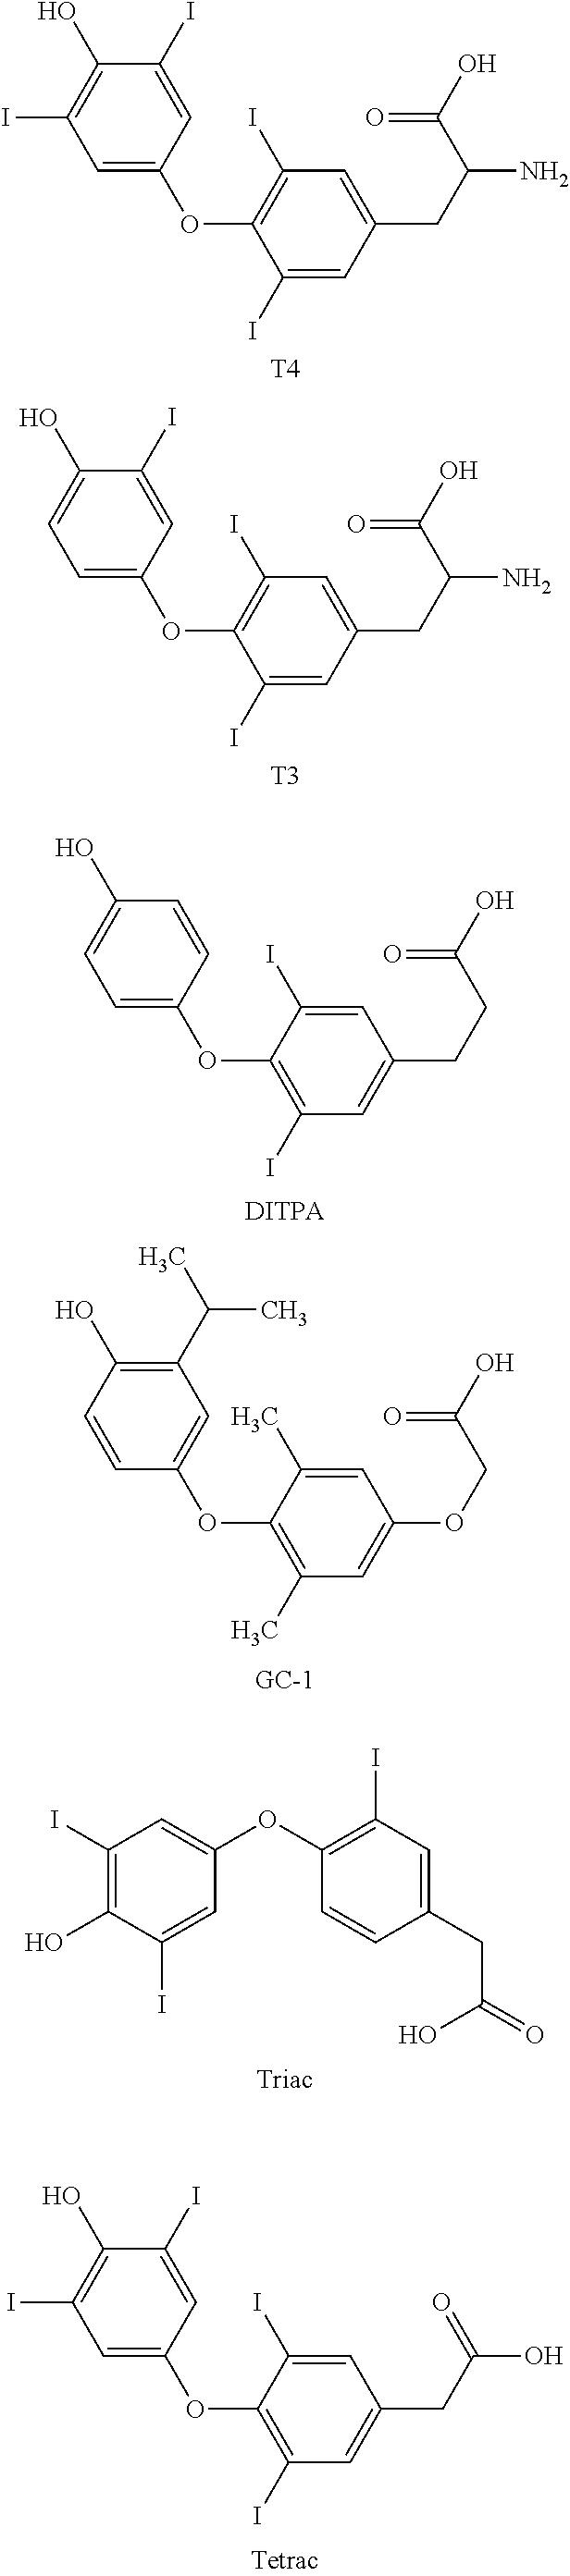 Figure US09579300-20170228-C00001